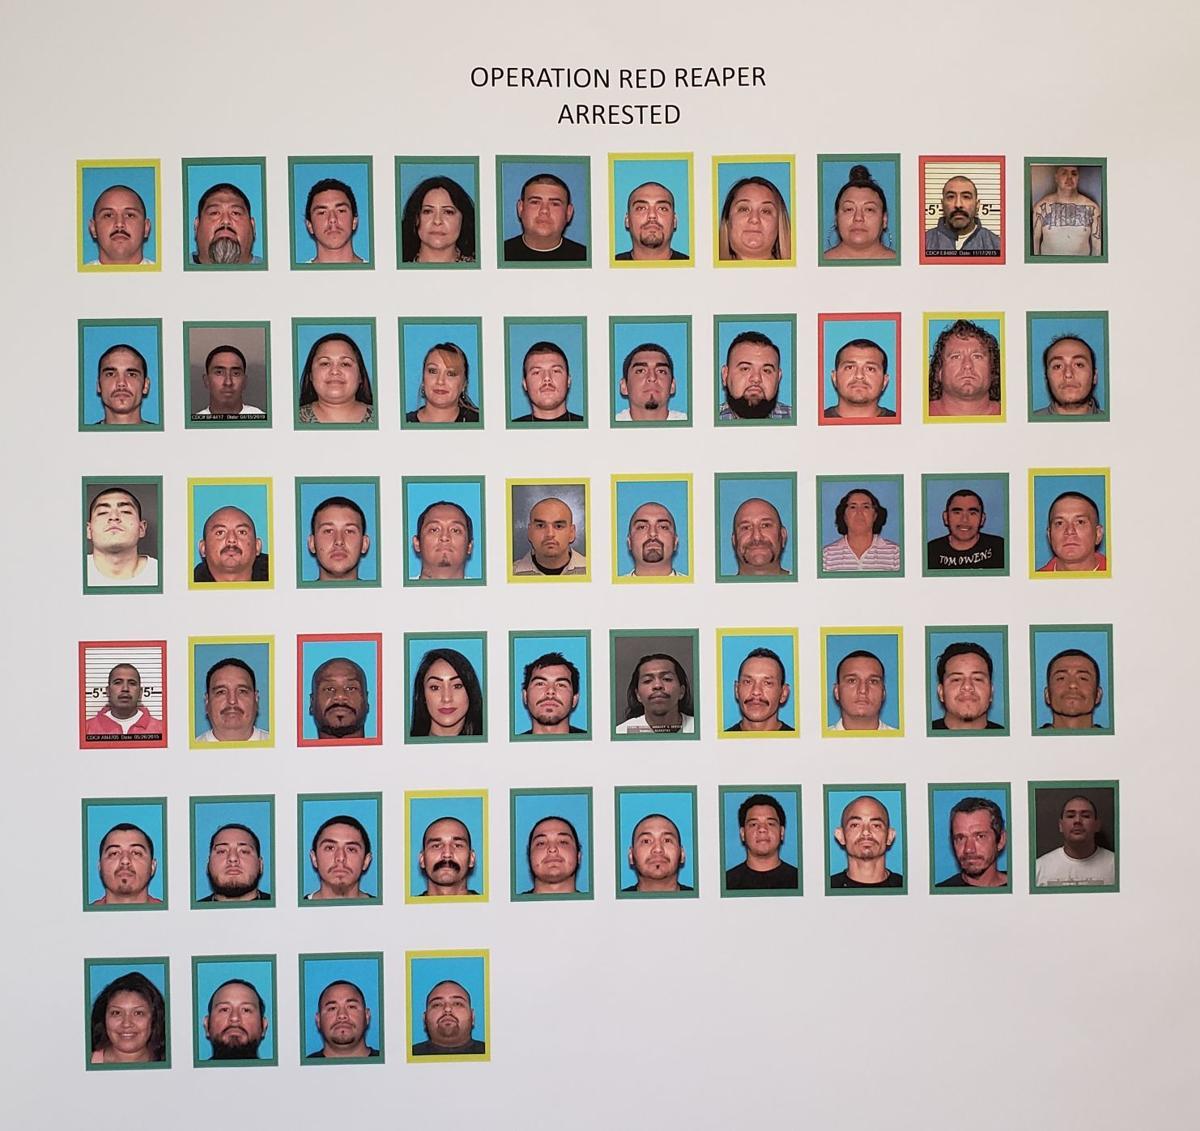 54 arrests